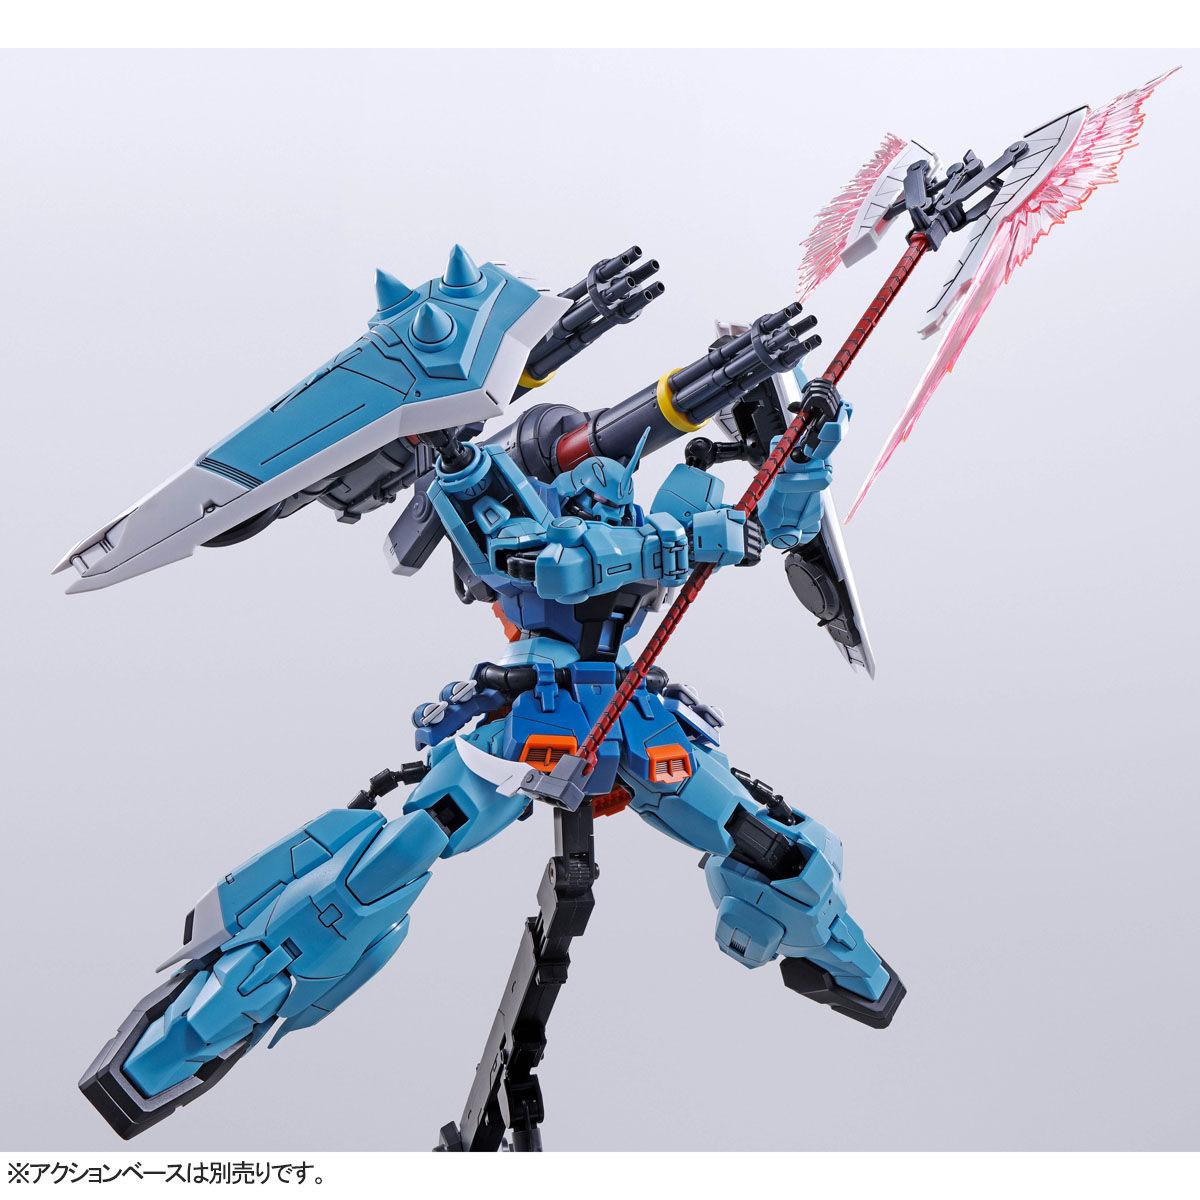 【限定販売】MG 1/100『スラッシュザクファントム(イザーク・ジュール専用機)』プラモデル-005